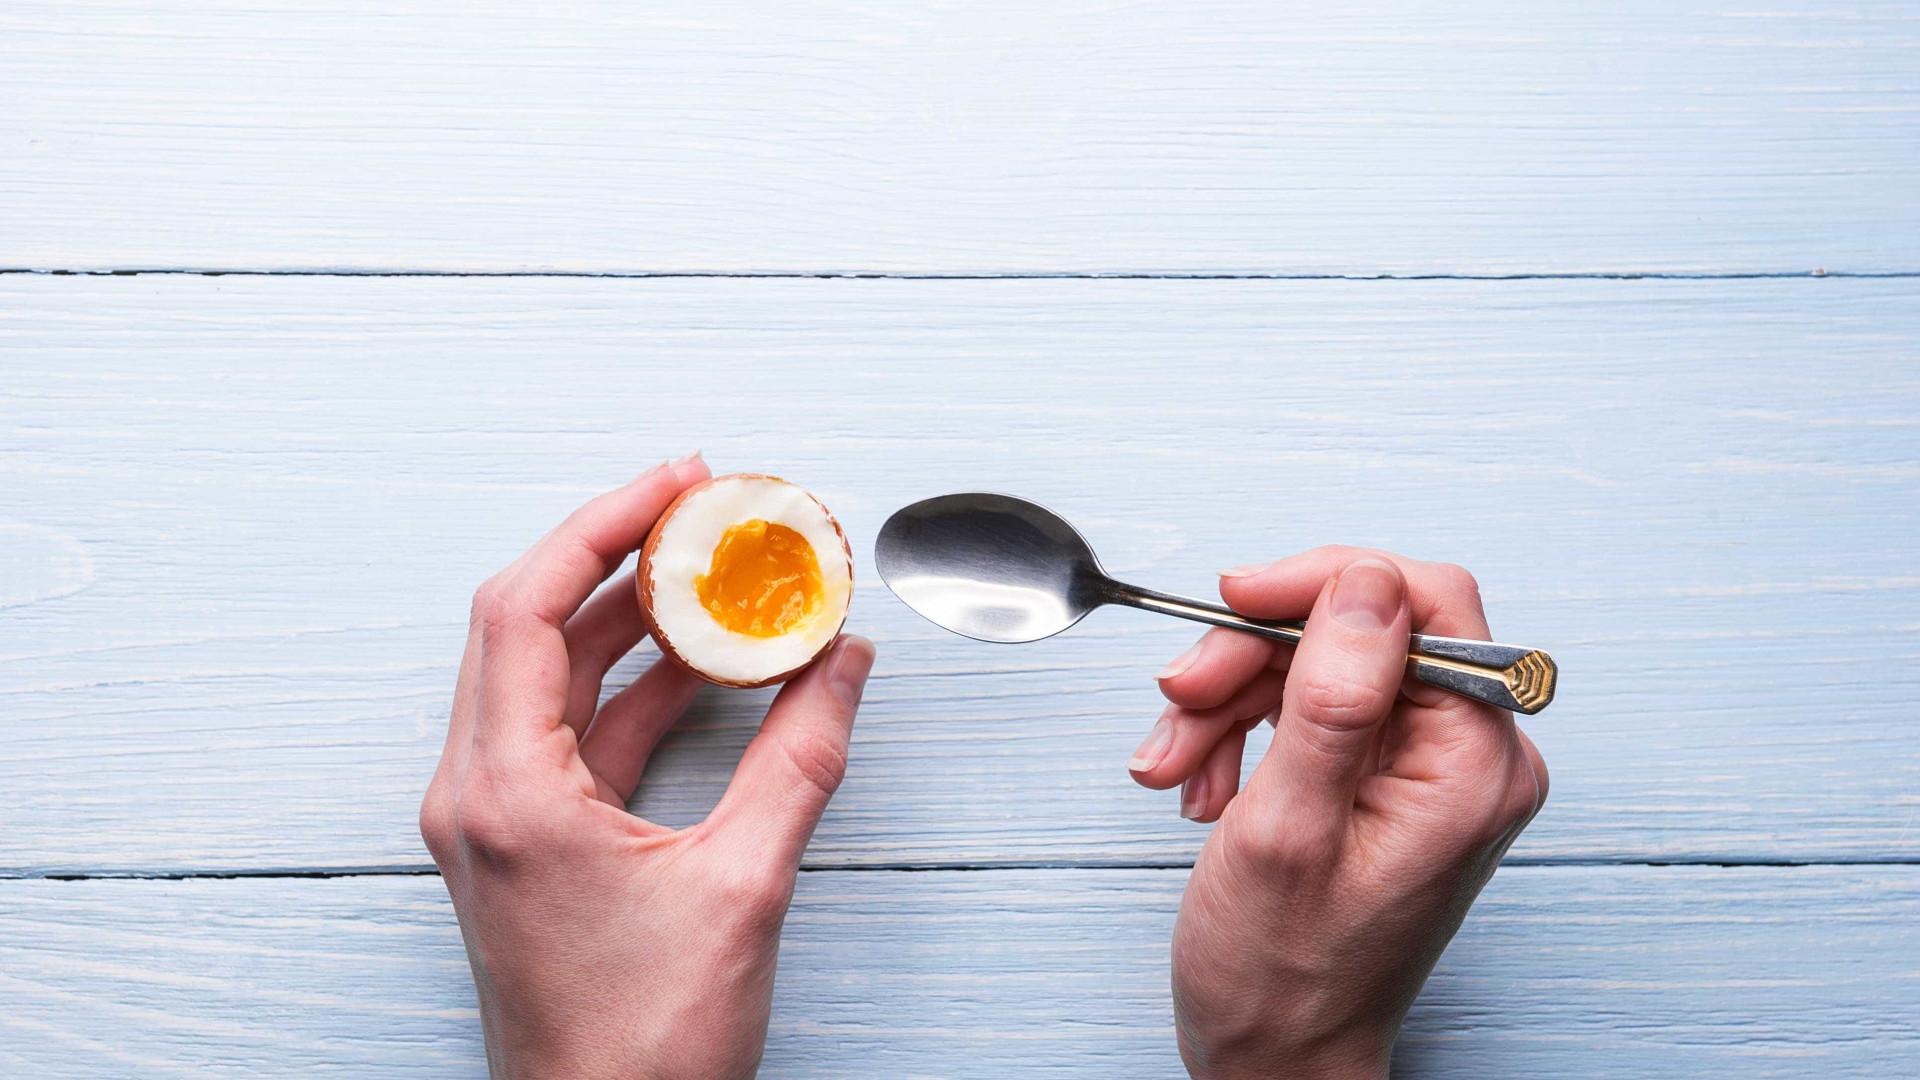 Comer ovo faz bem para os olhos; entenda